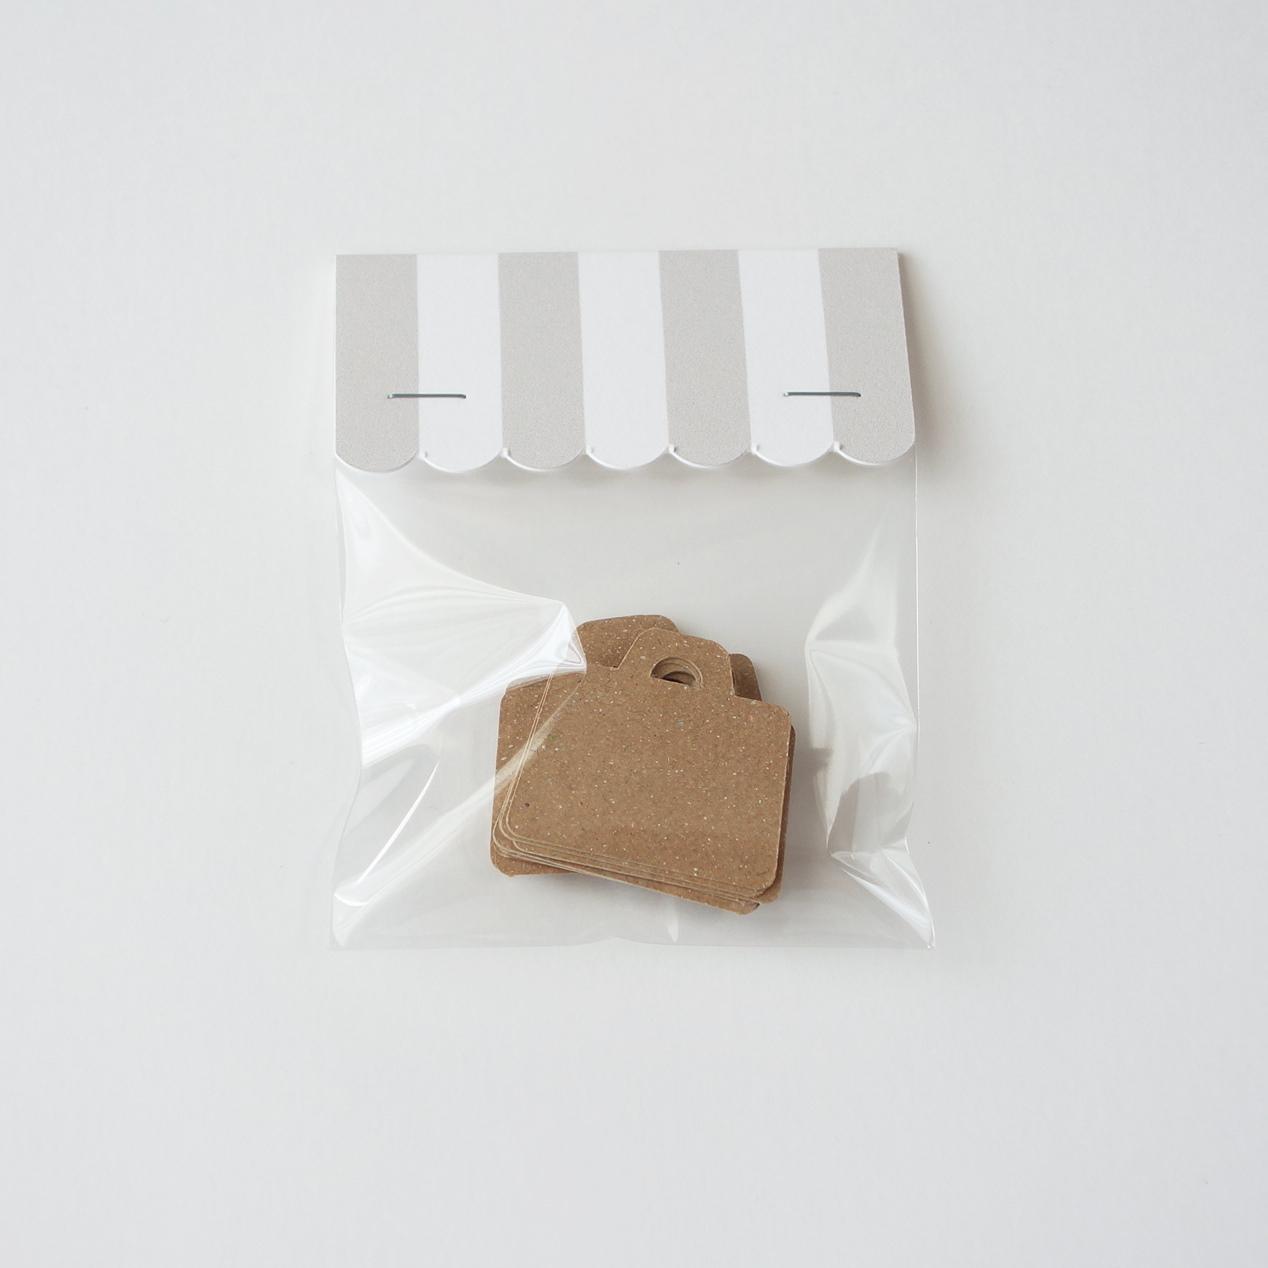 かばん型タグ 20枚入 クラフト(茶)